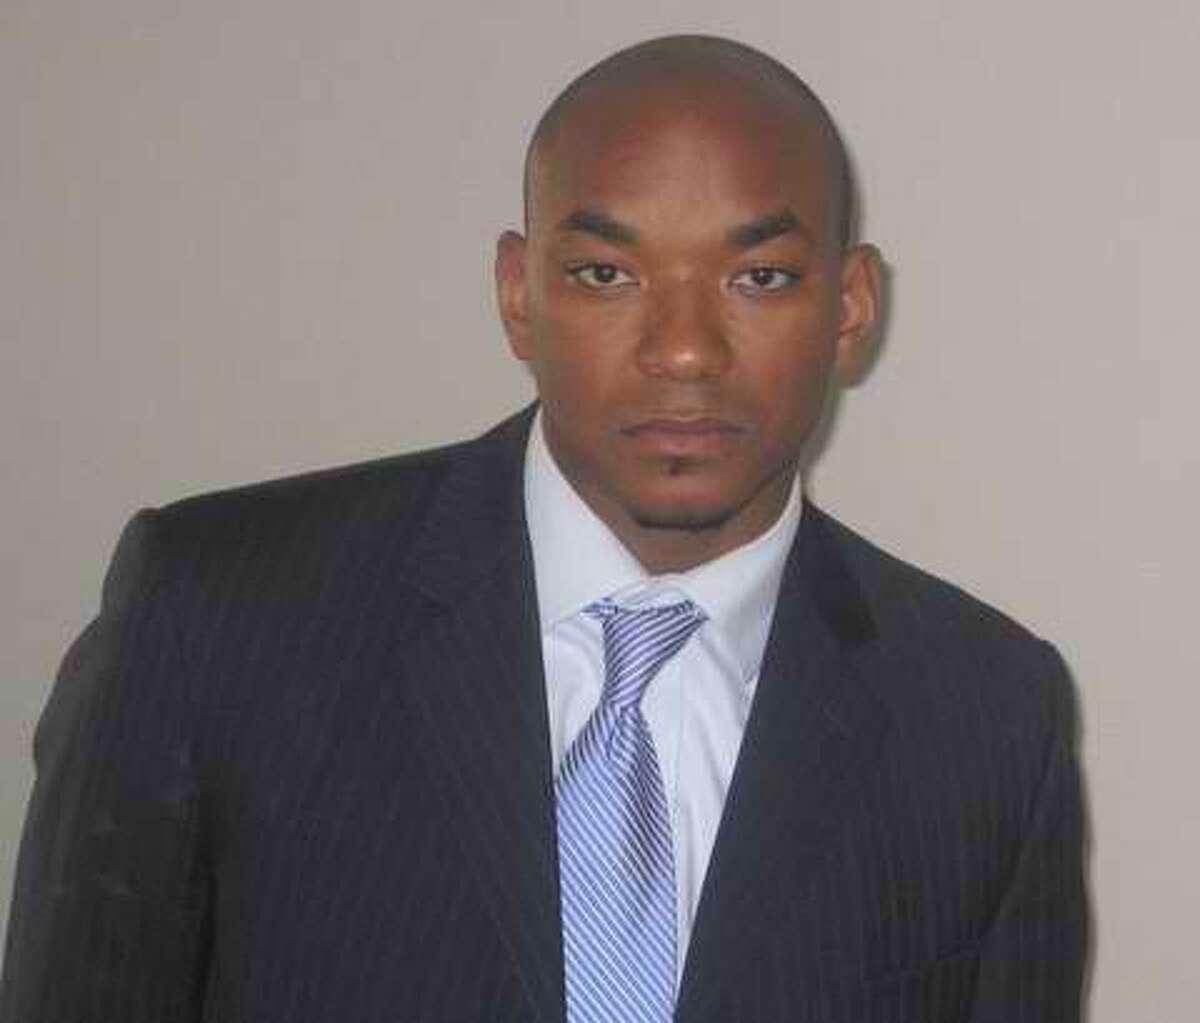 Candidate Phillip Paul Bryant